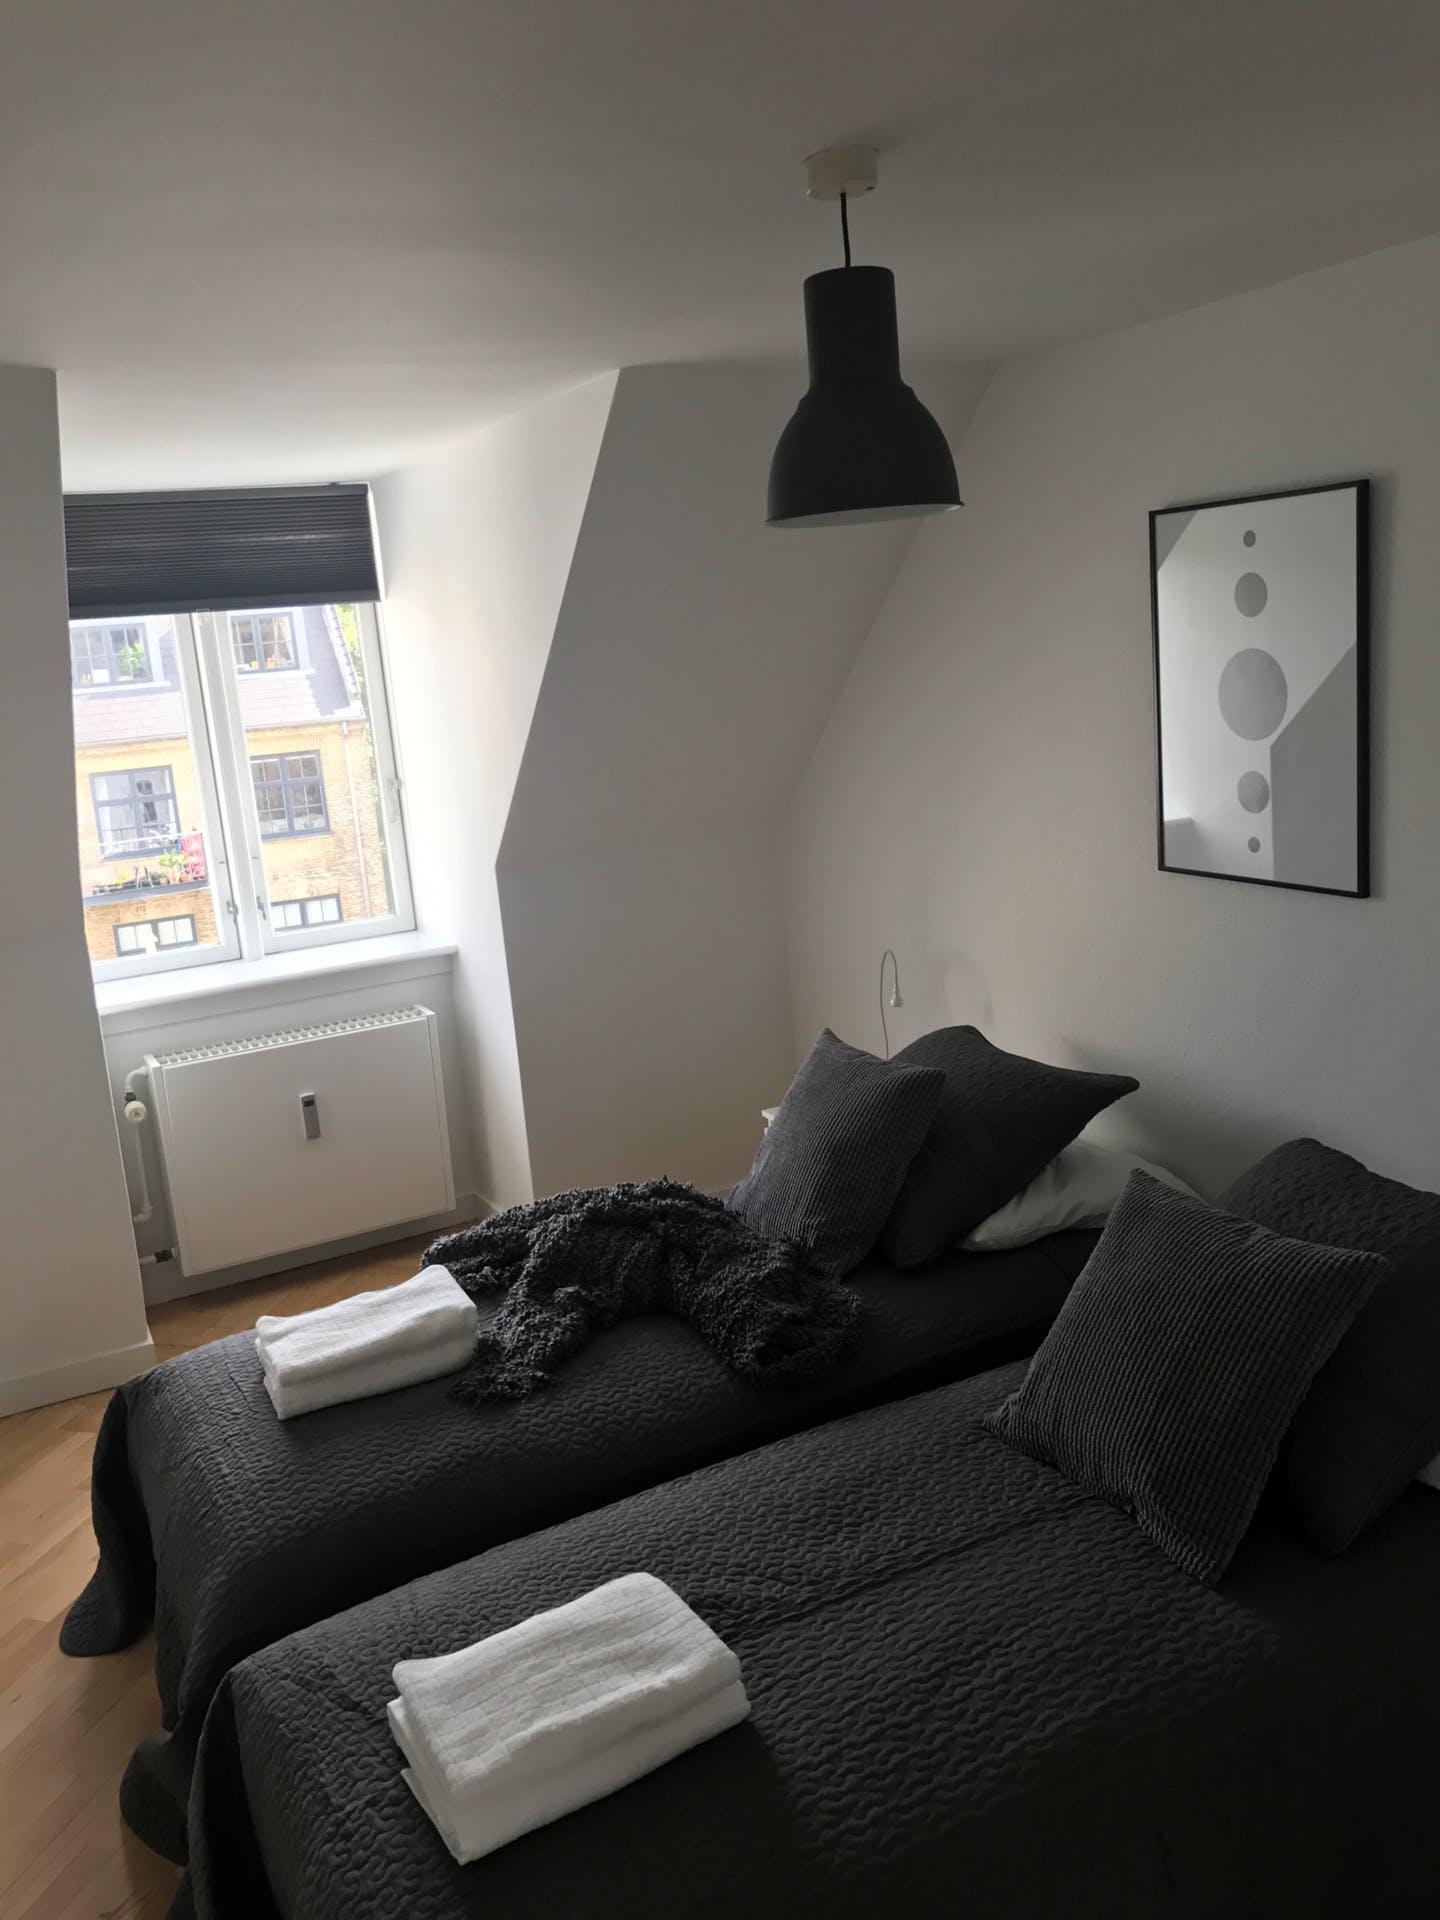 Twin beds at Nørrebrogade Apartments, Nørrebro, Copenhagen